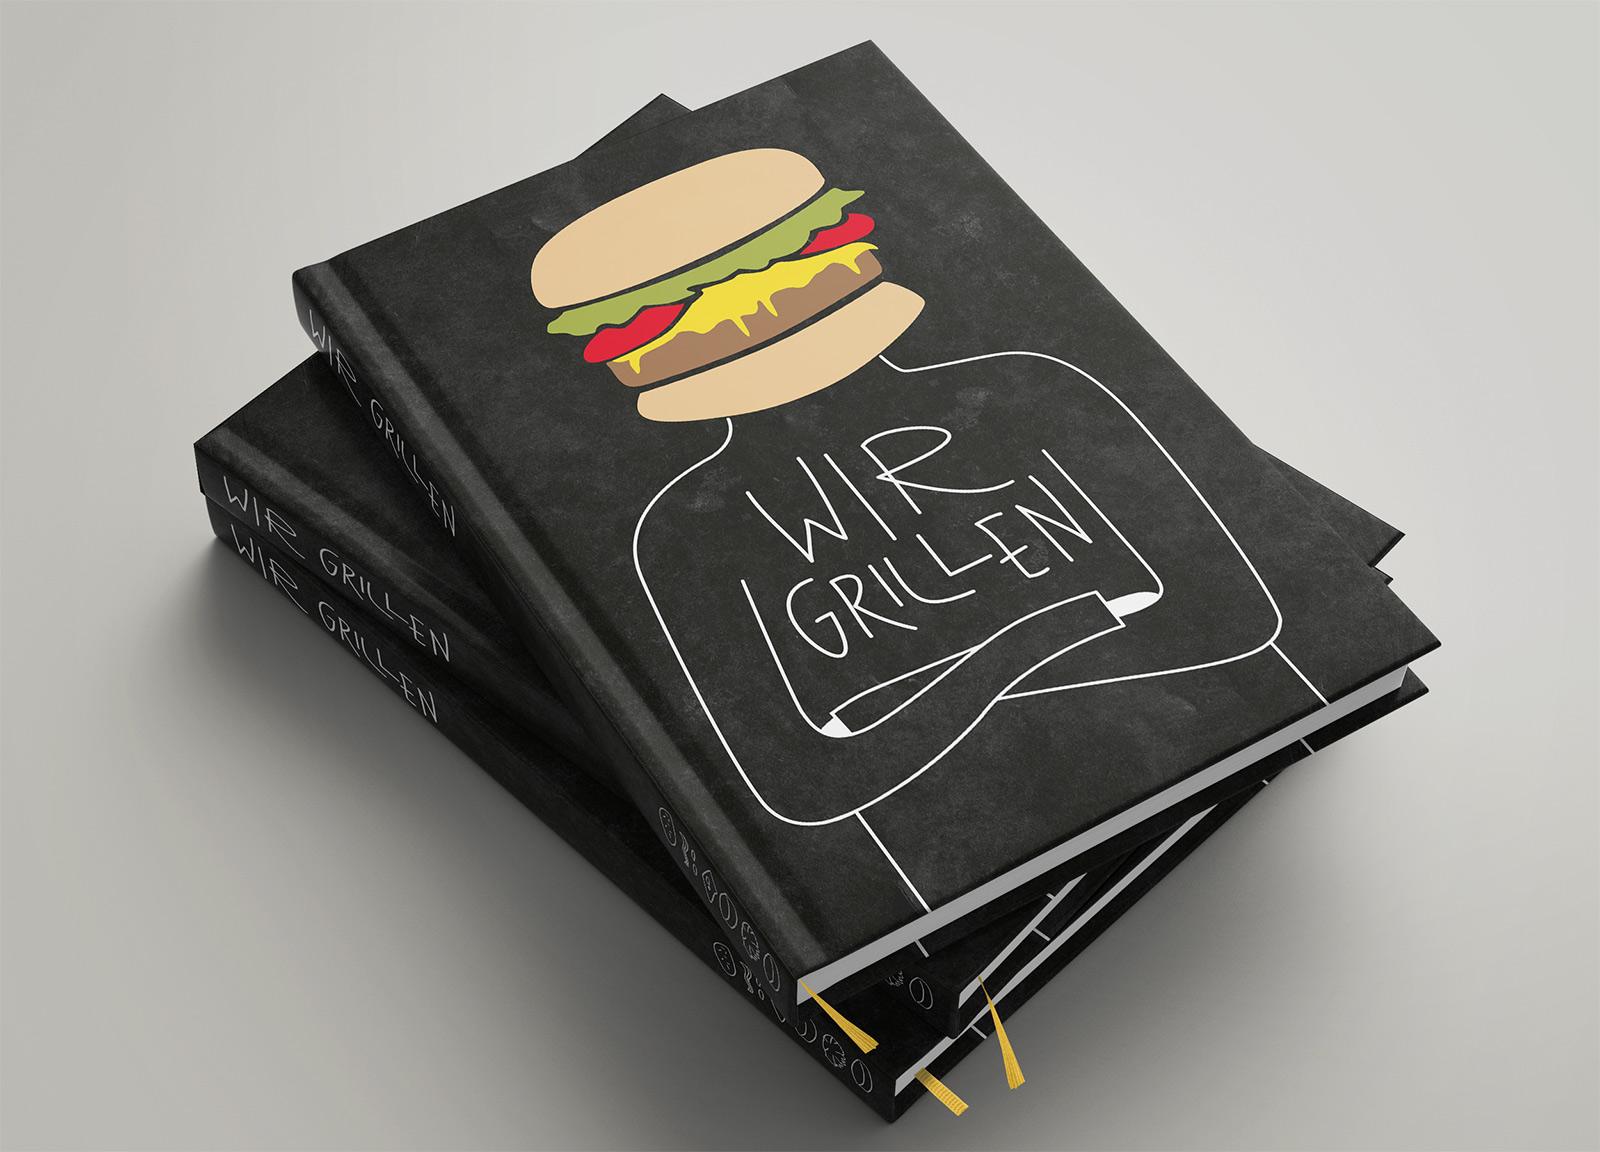 WIR GRILLEN Buch